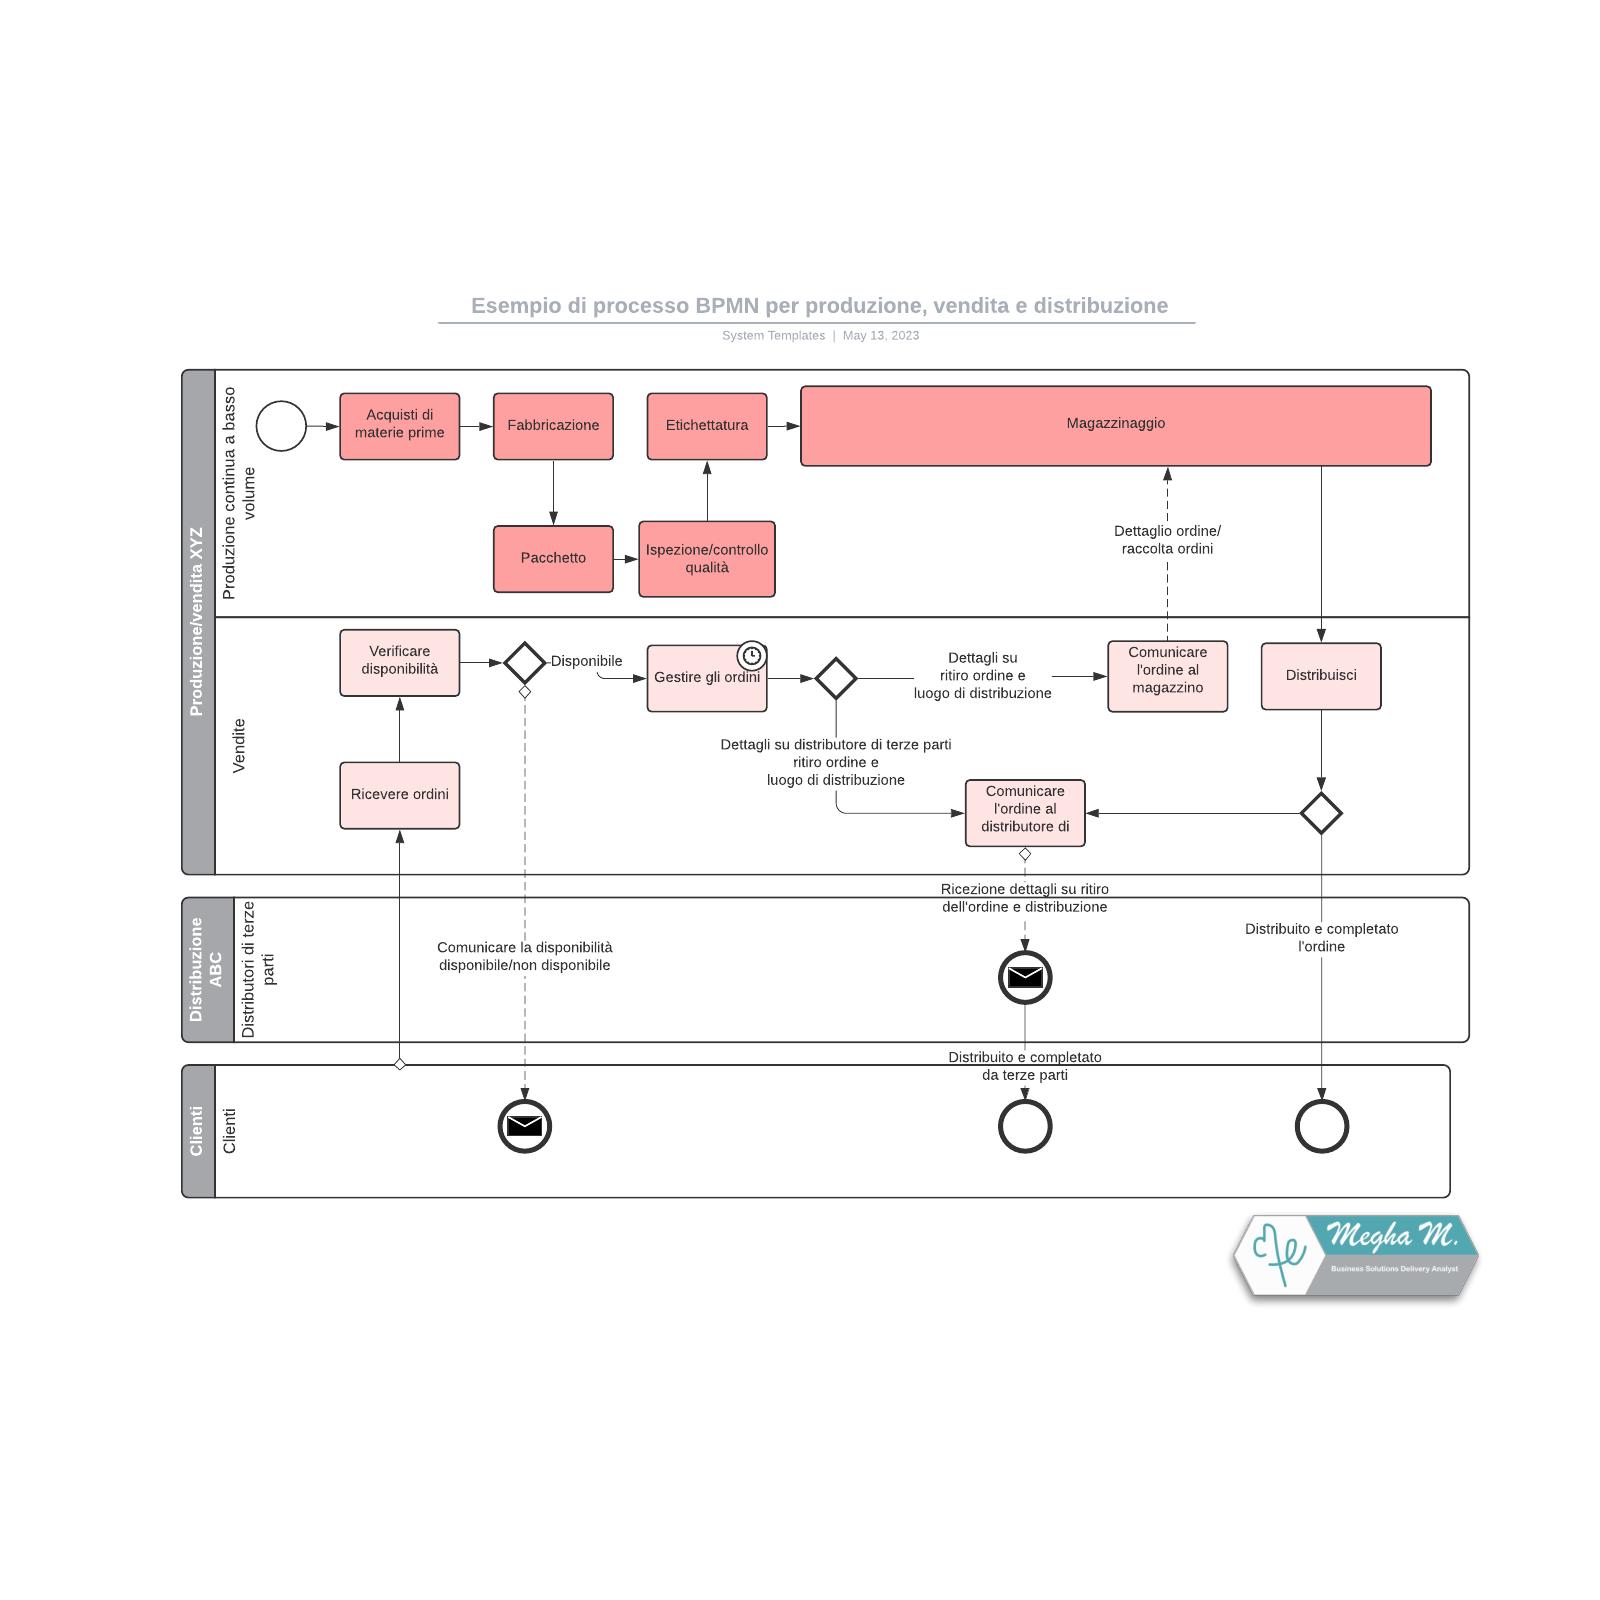 Esempio di processo BPMN per produzione, vendita e distribuzione